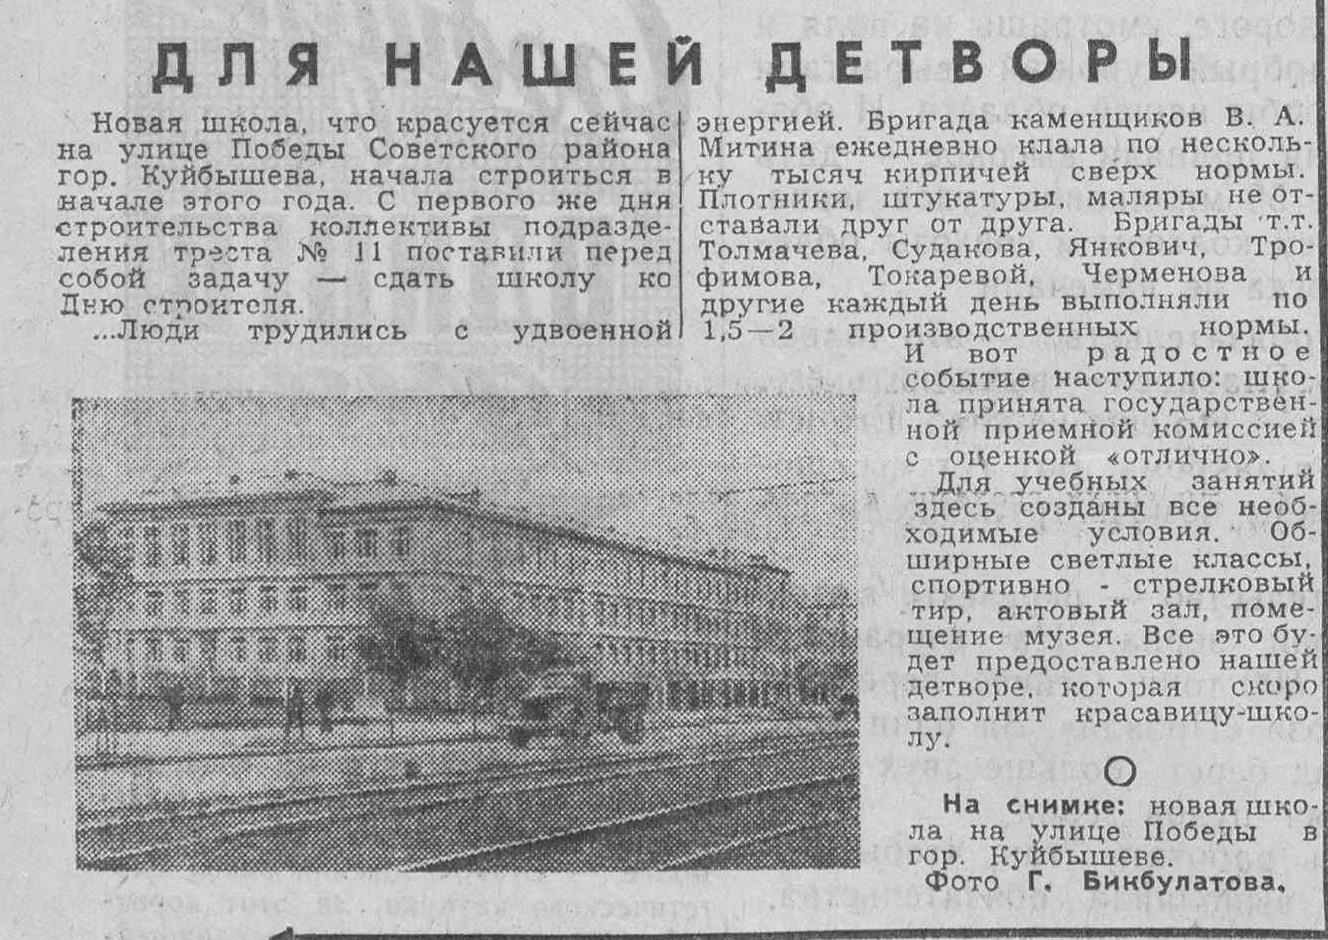 Победы-ФОТО-81-ВКа-1962-08-05-новая школа на Победе